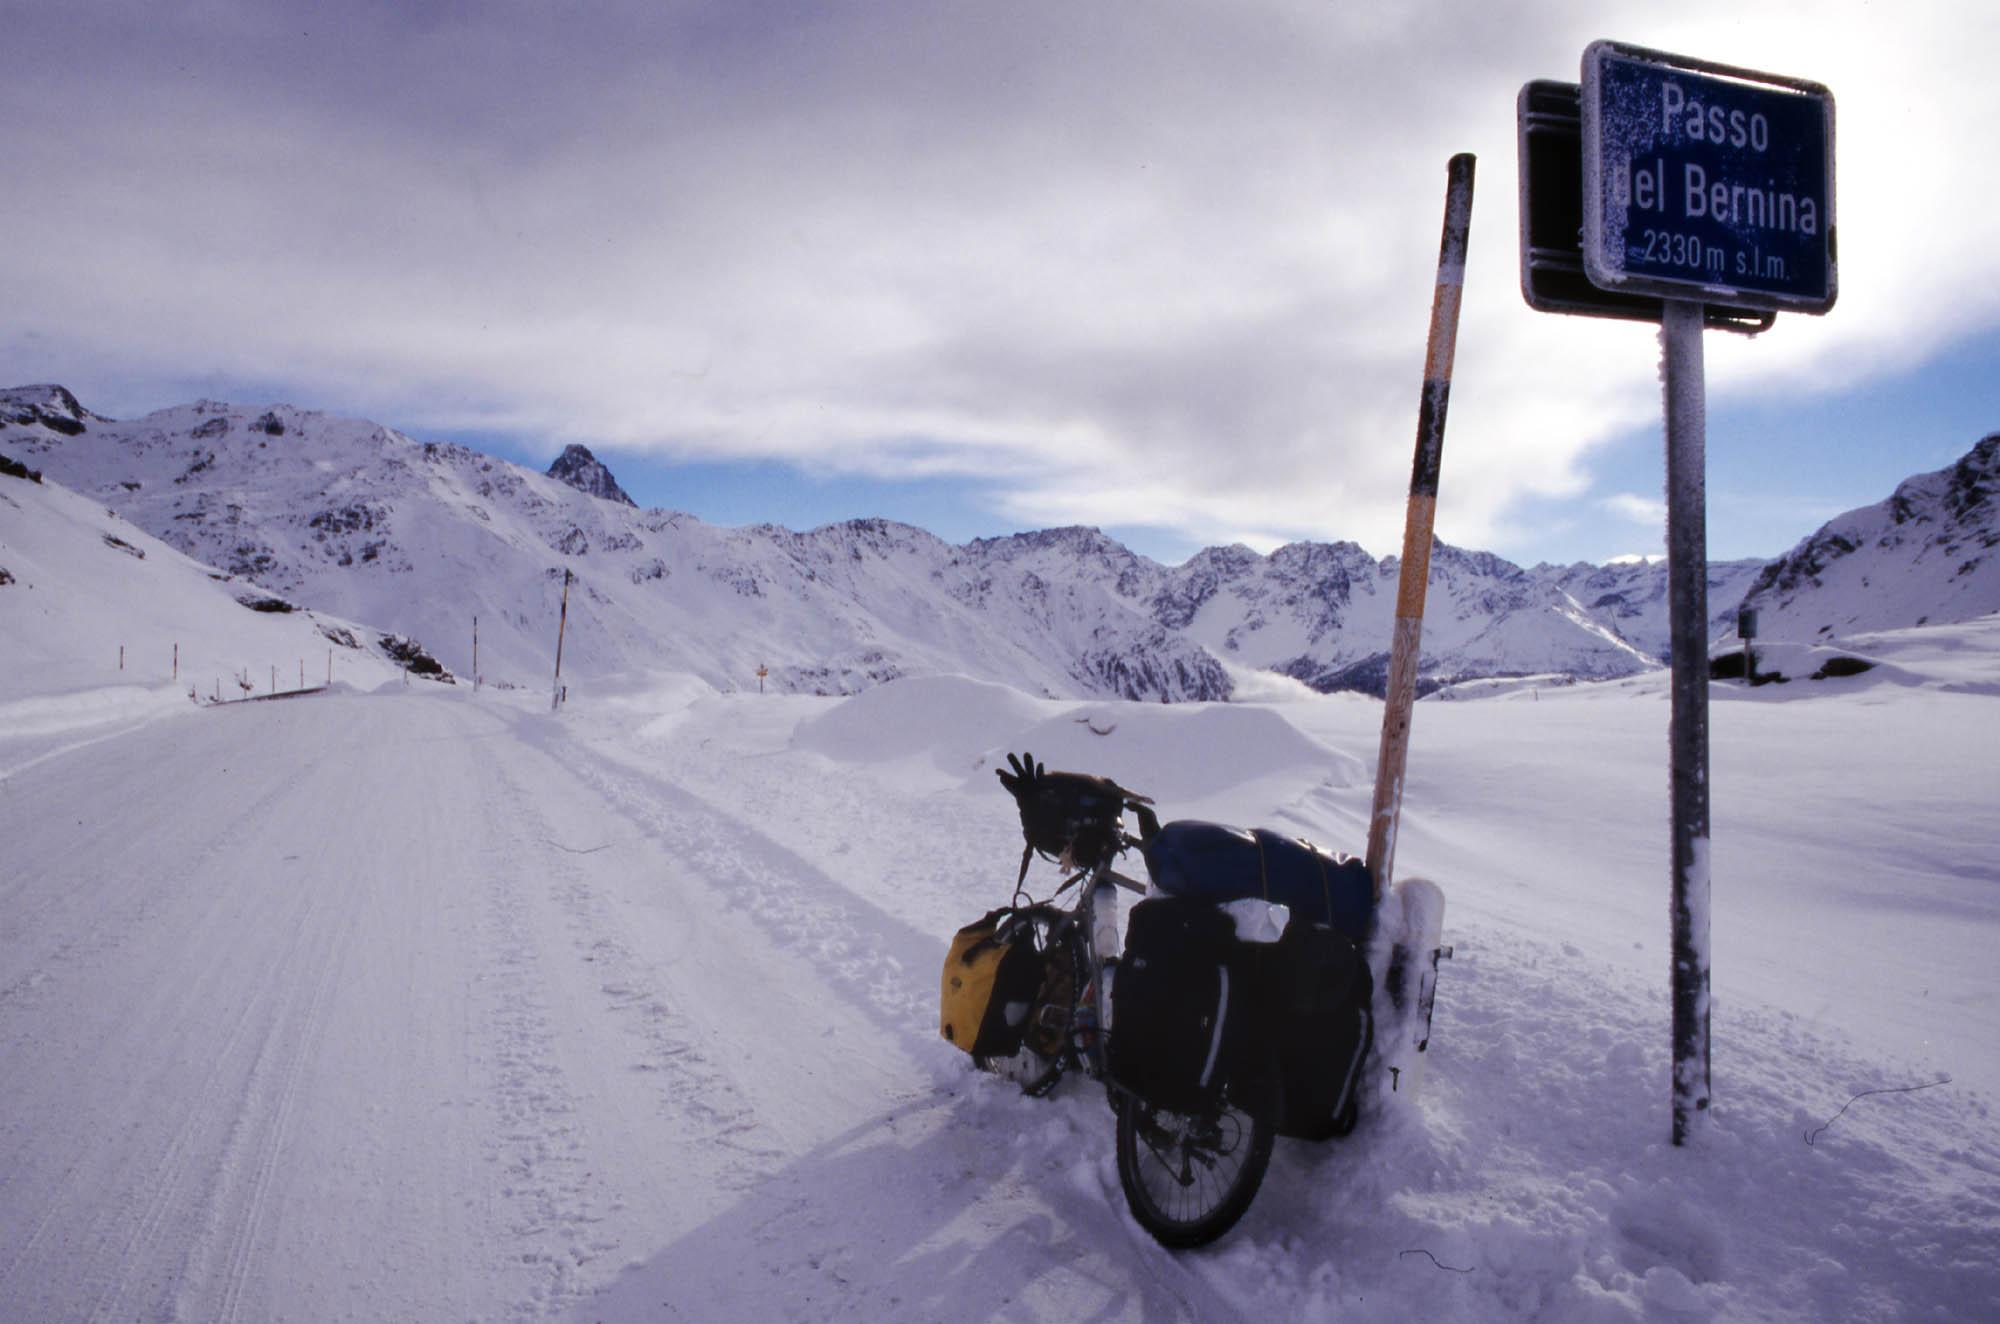 schweiz-bernina-pass-schnee-small